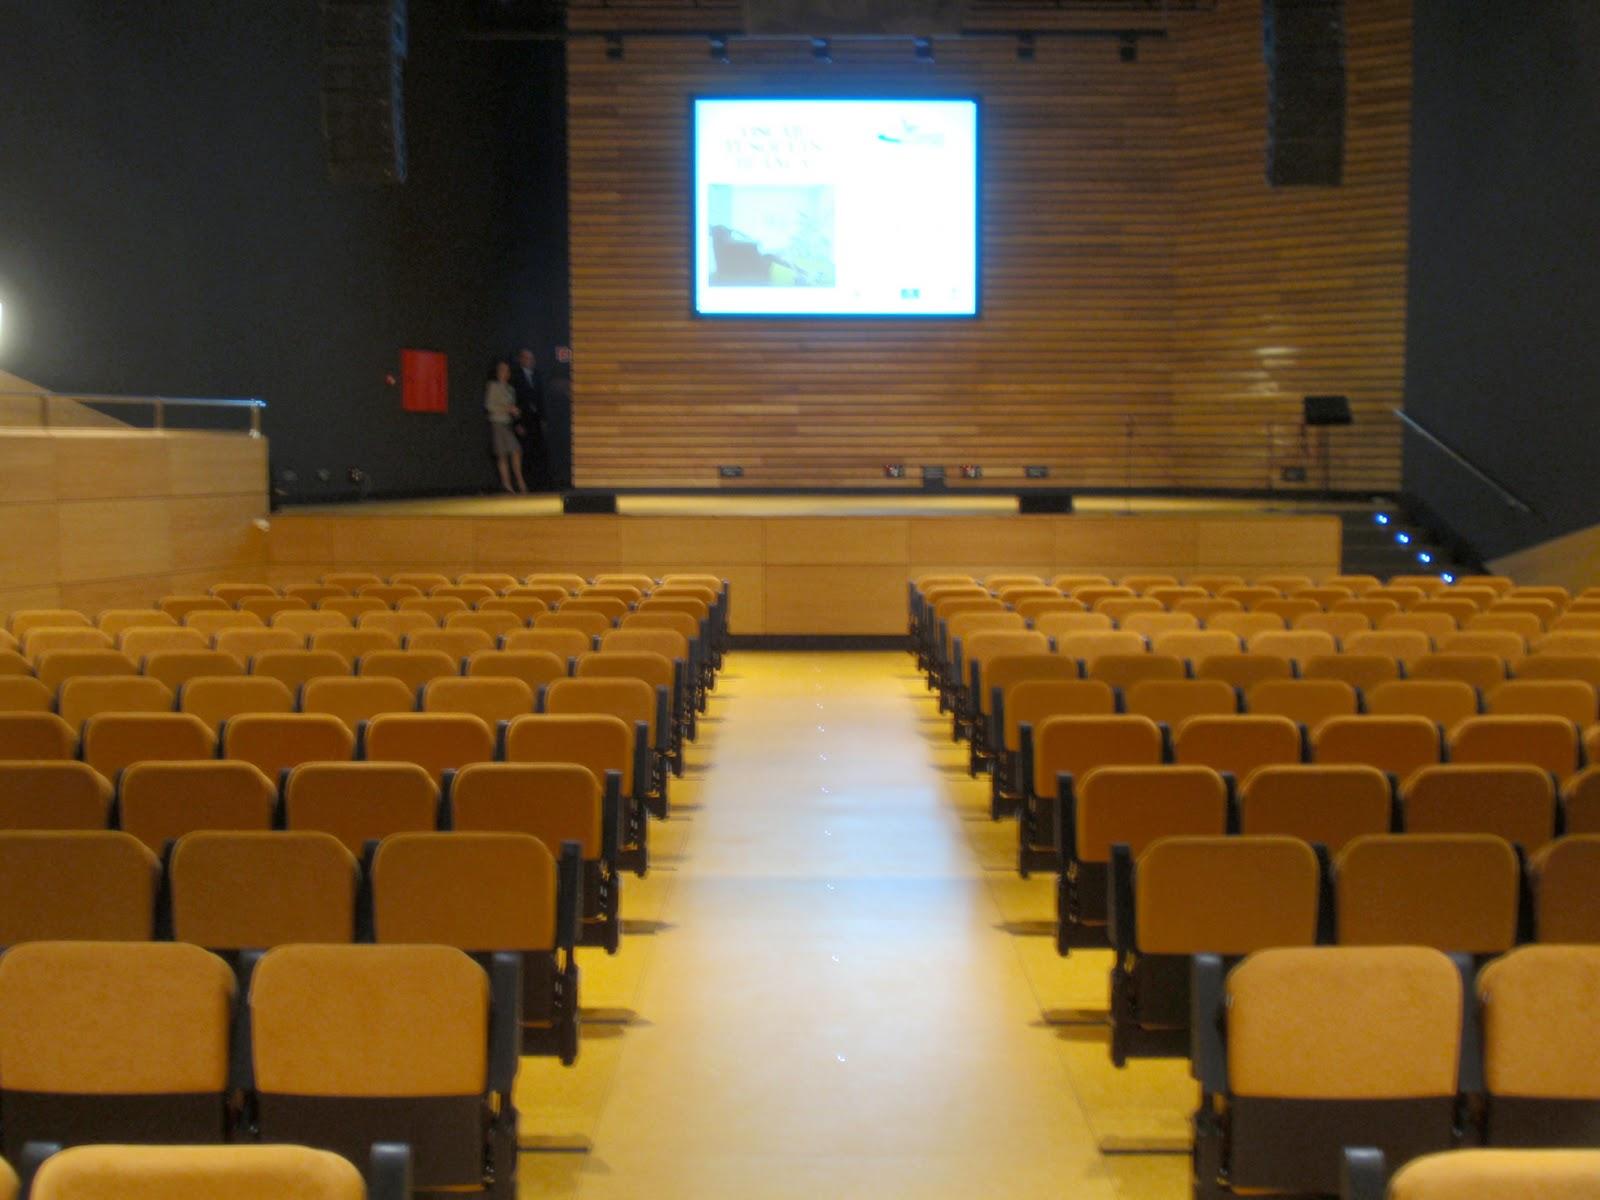 El auditorio alfredo kraus como palacio de congresos y - Alfredo kraus auditorio ...